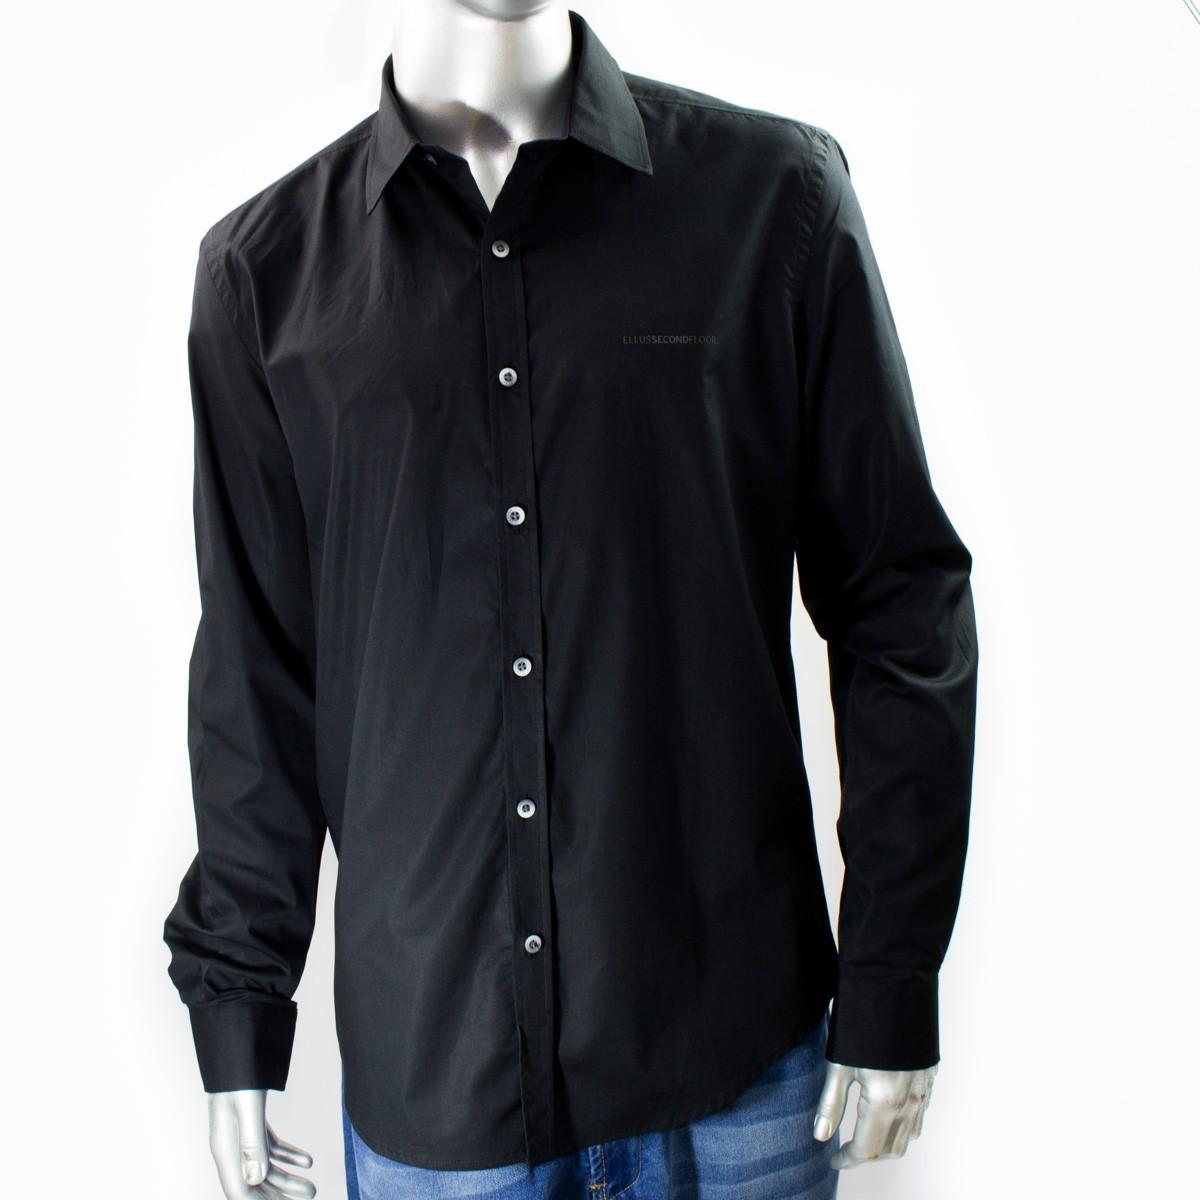 Bizz Store - Camisa Social Masculina Ellus Second Floor Lycra c04286637bdf5